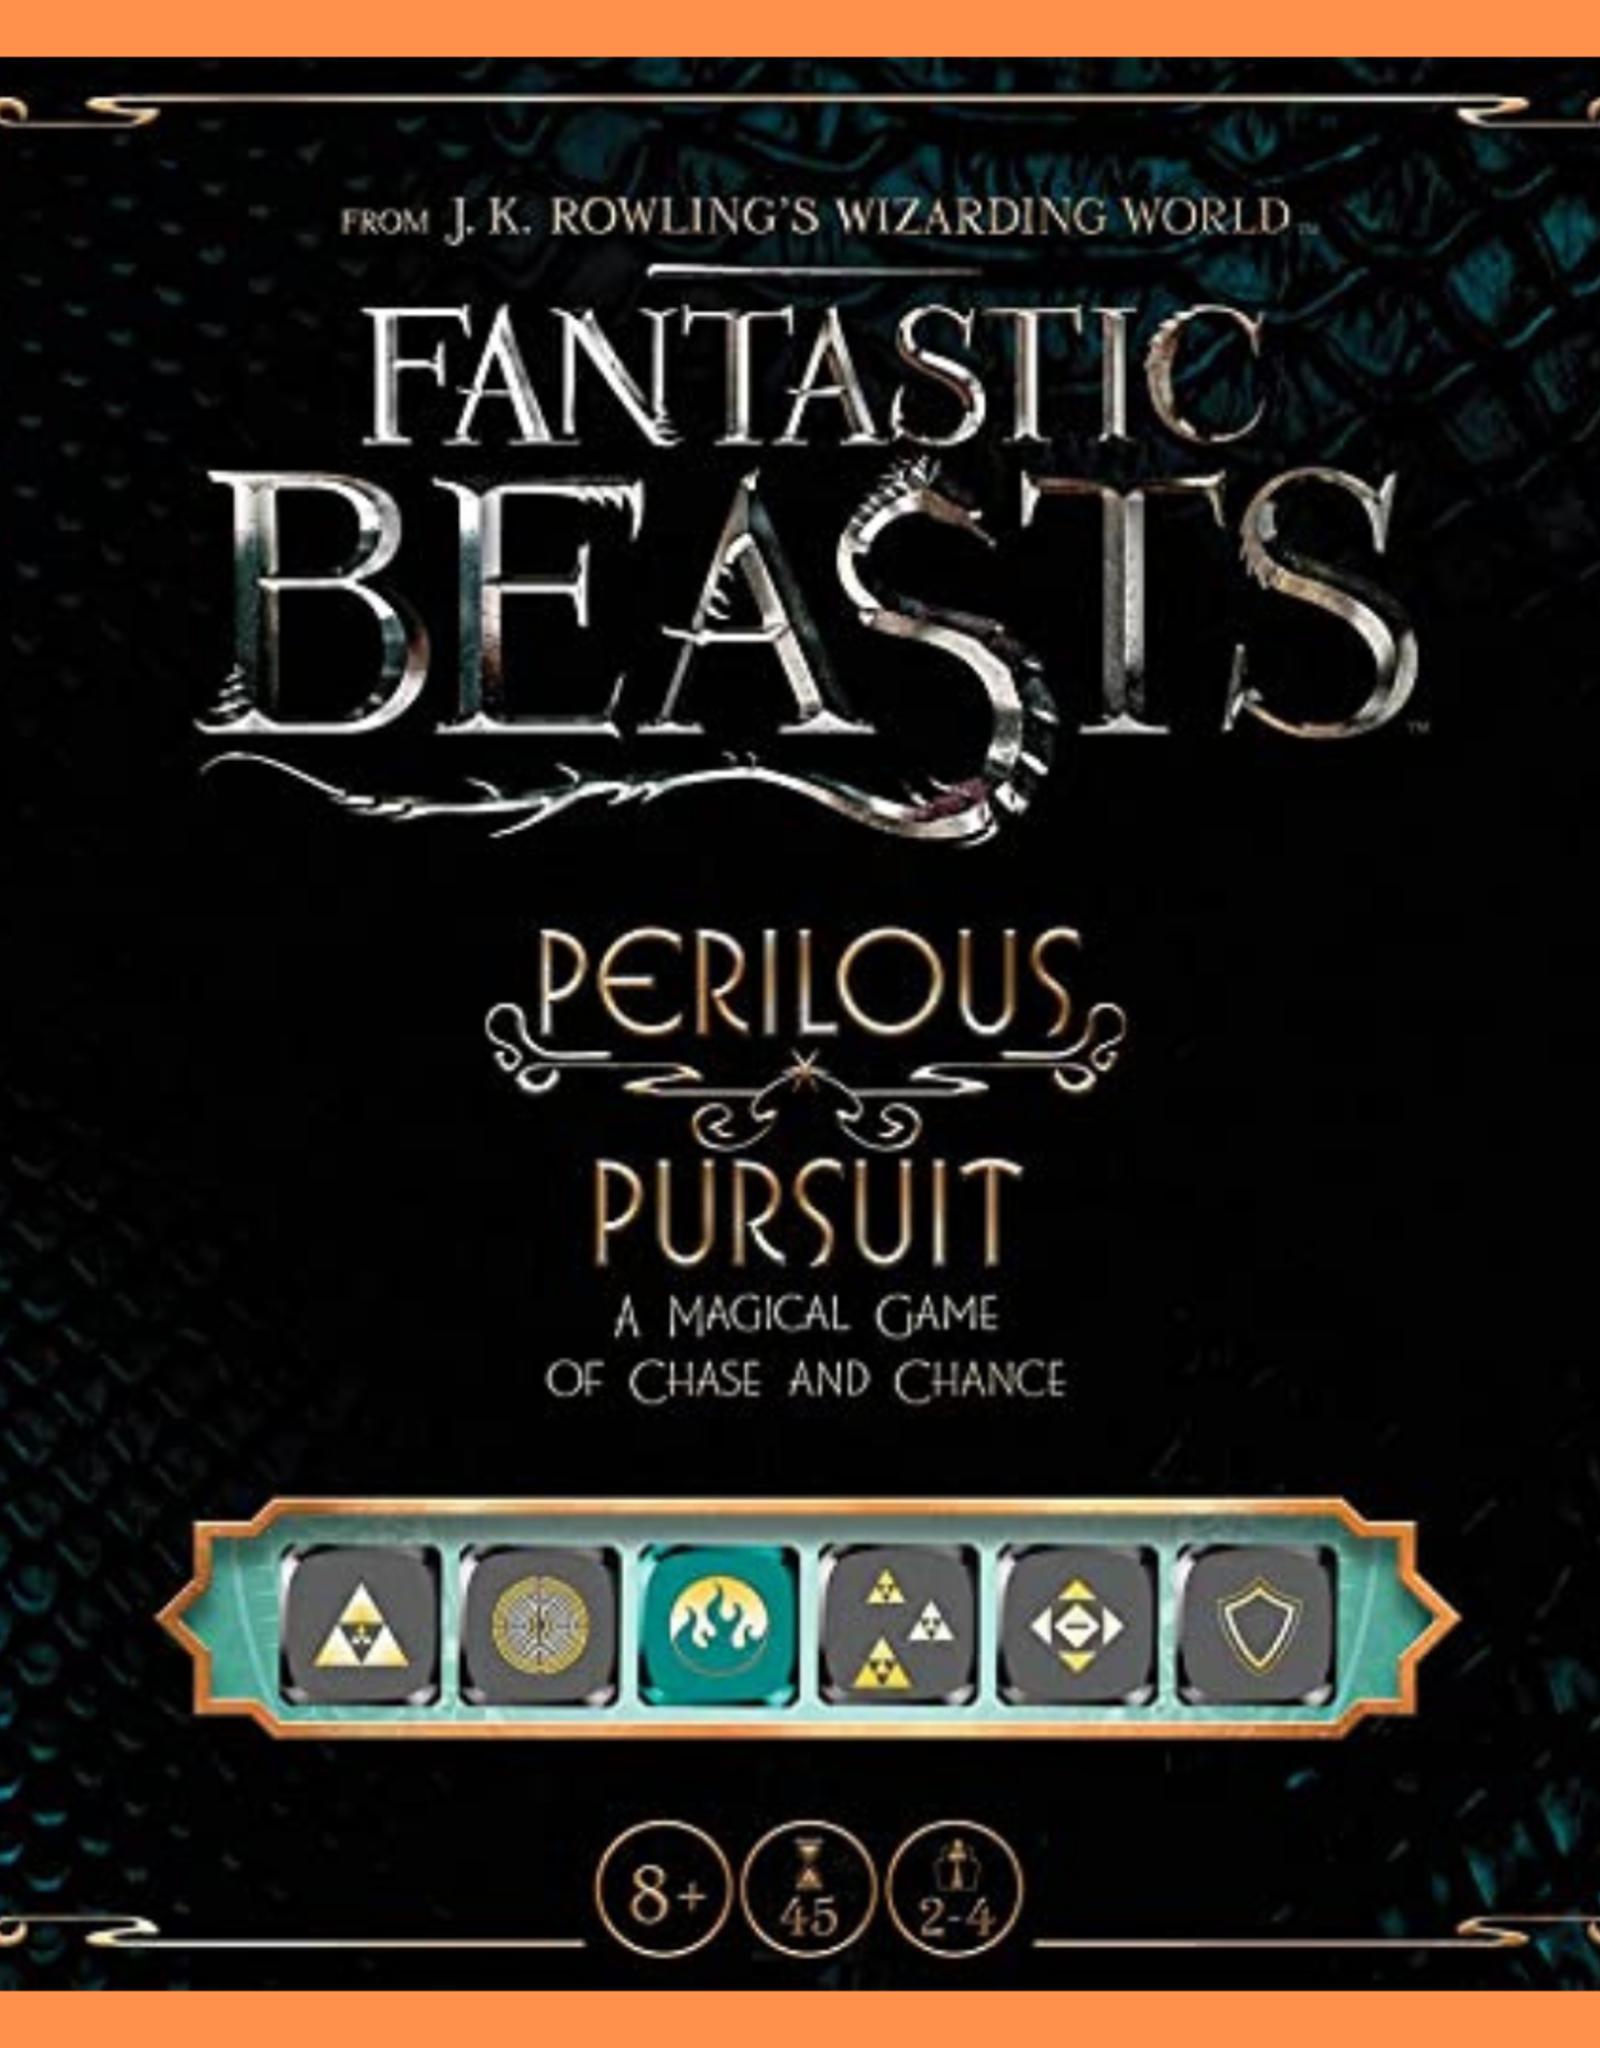 PERILOUS GAME FANTASTIC BEASTS